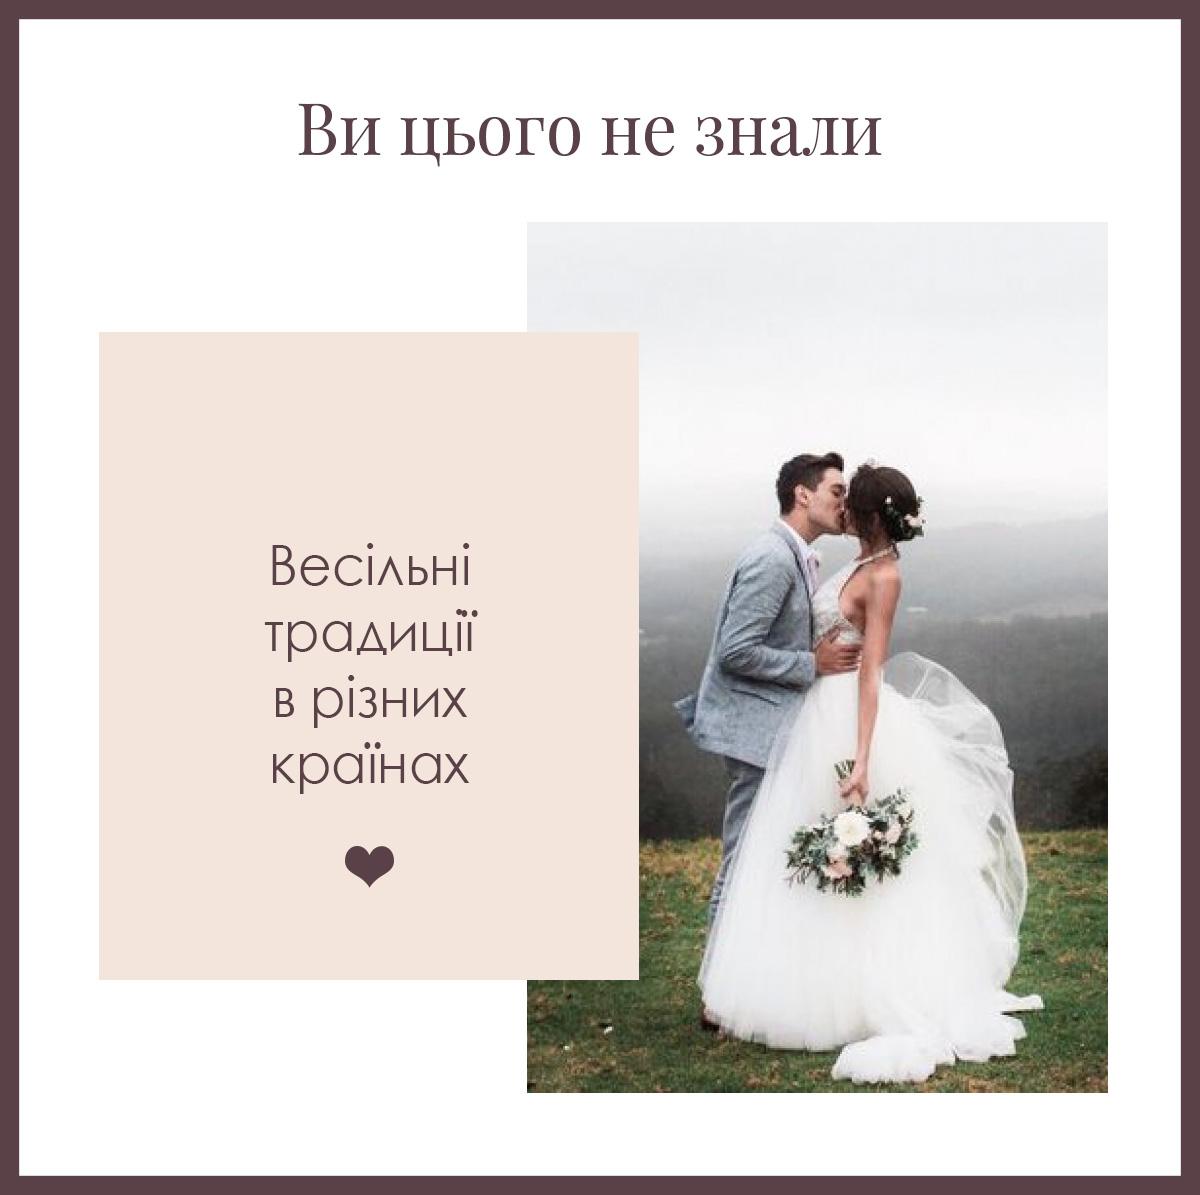 Весільні традиції в різних країнах